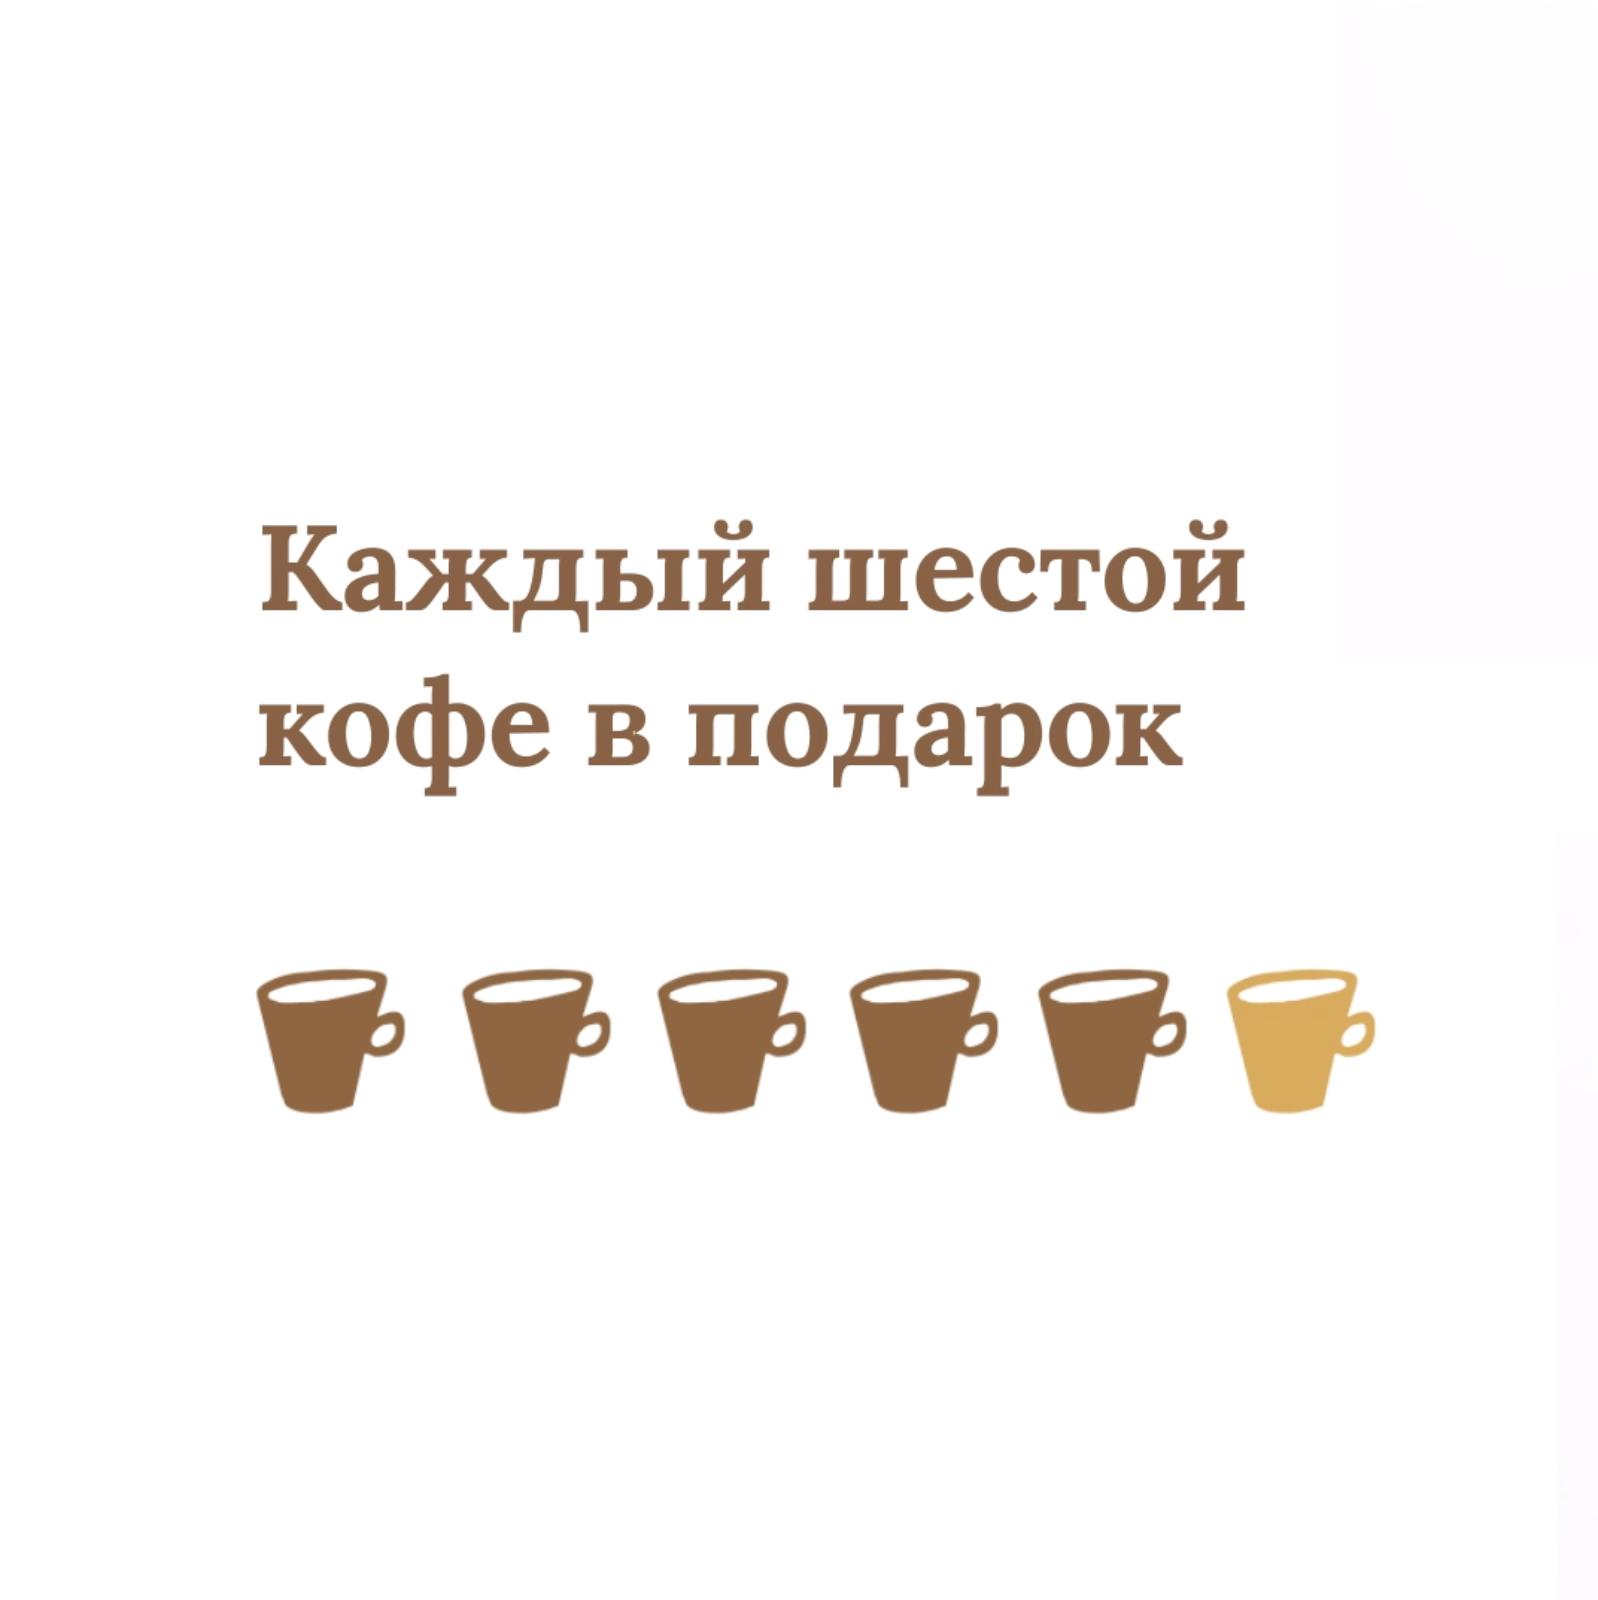 Шестой кофе в подарок в ТХПО!